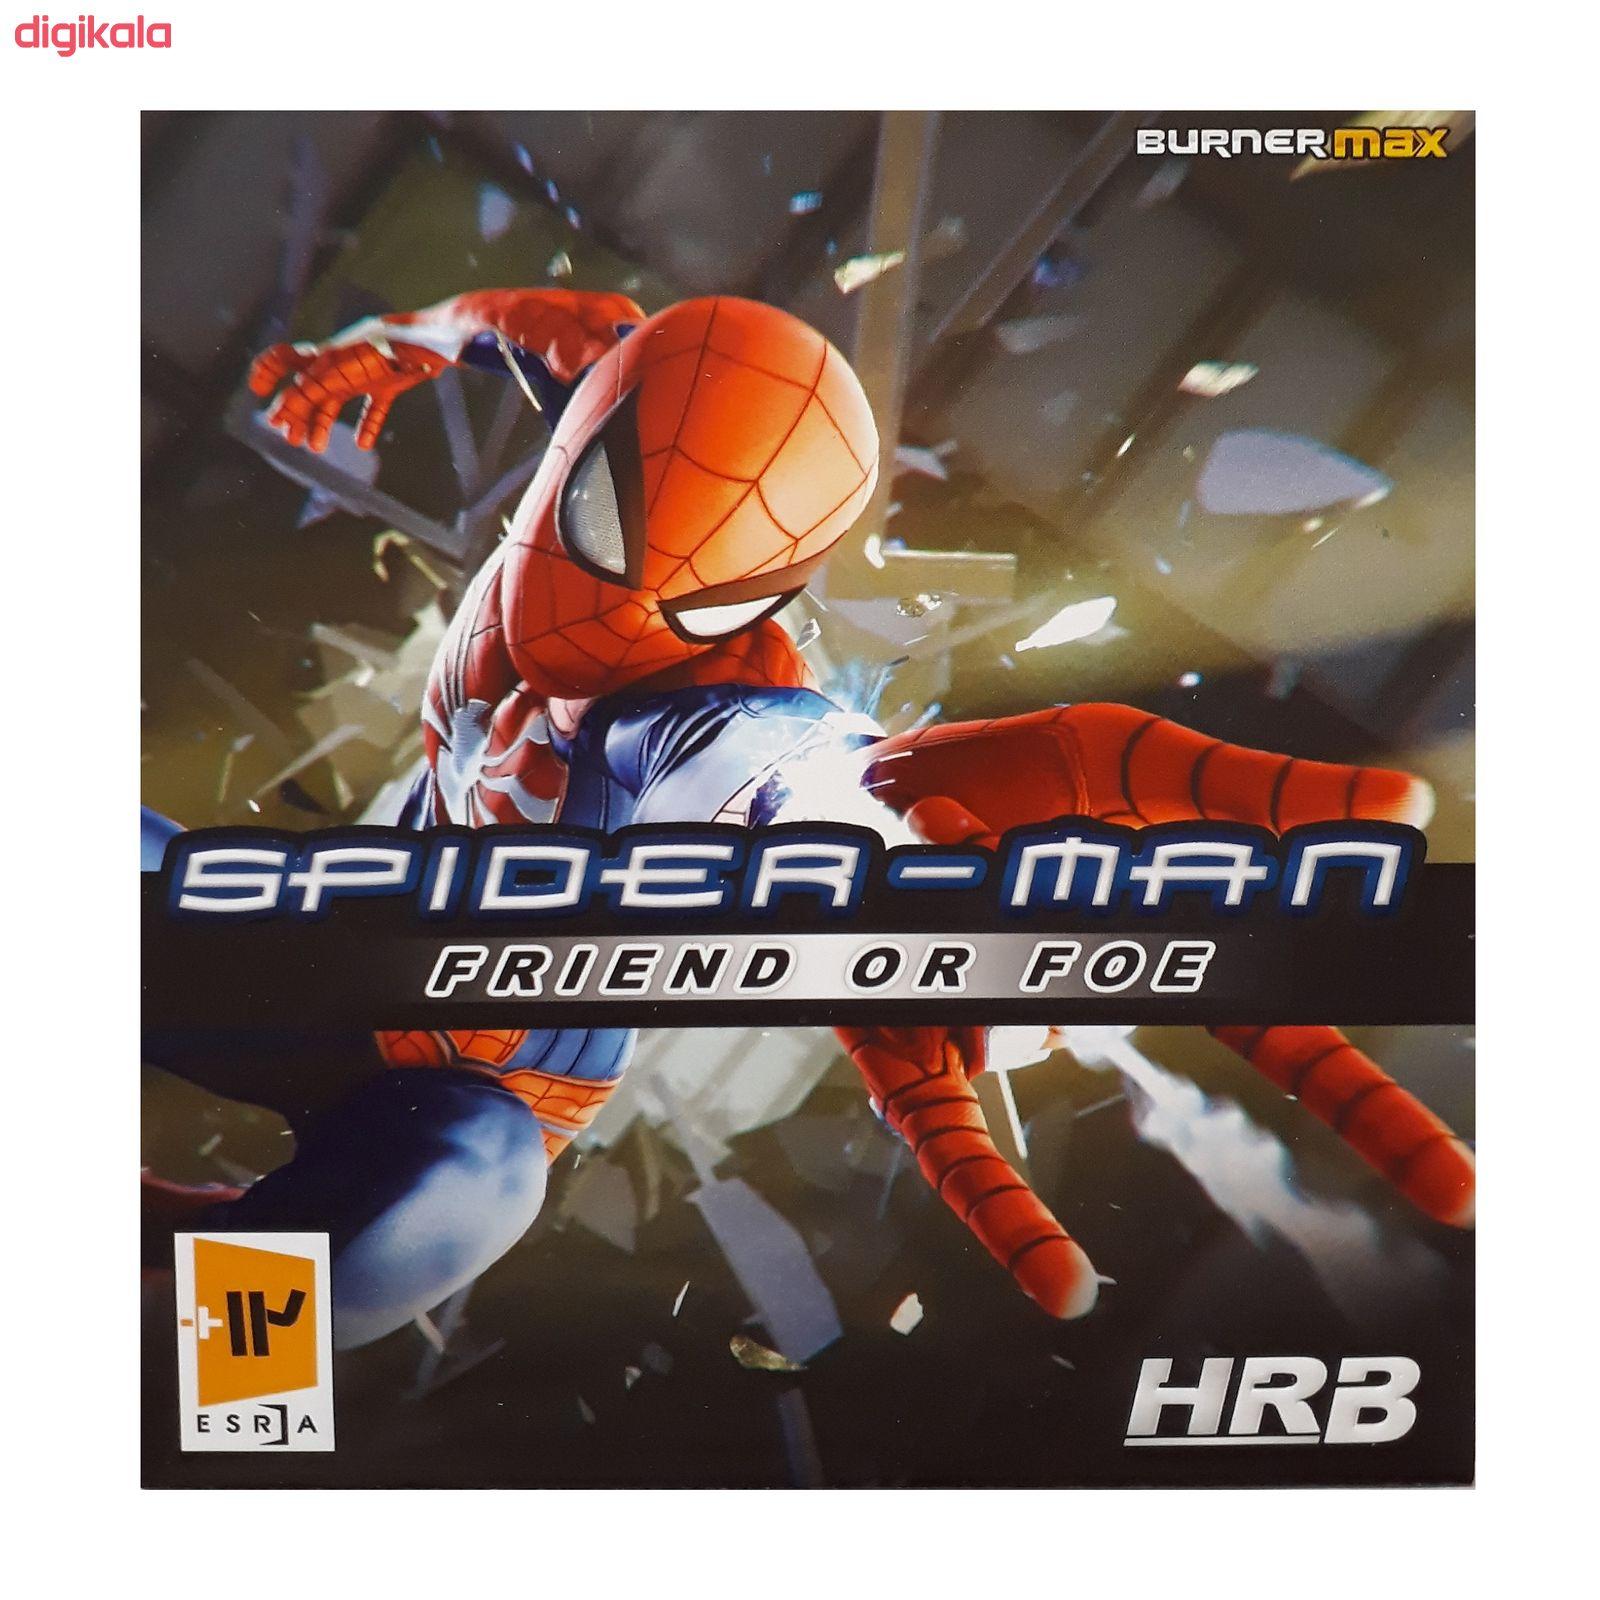 بازی spider man friend or foe مخصوص xbox 360 main 1 1